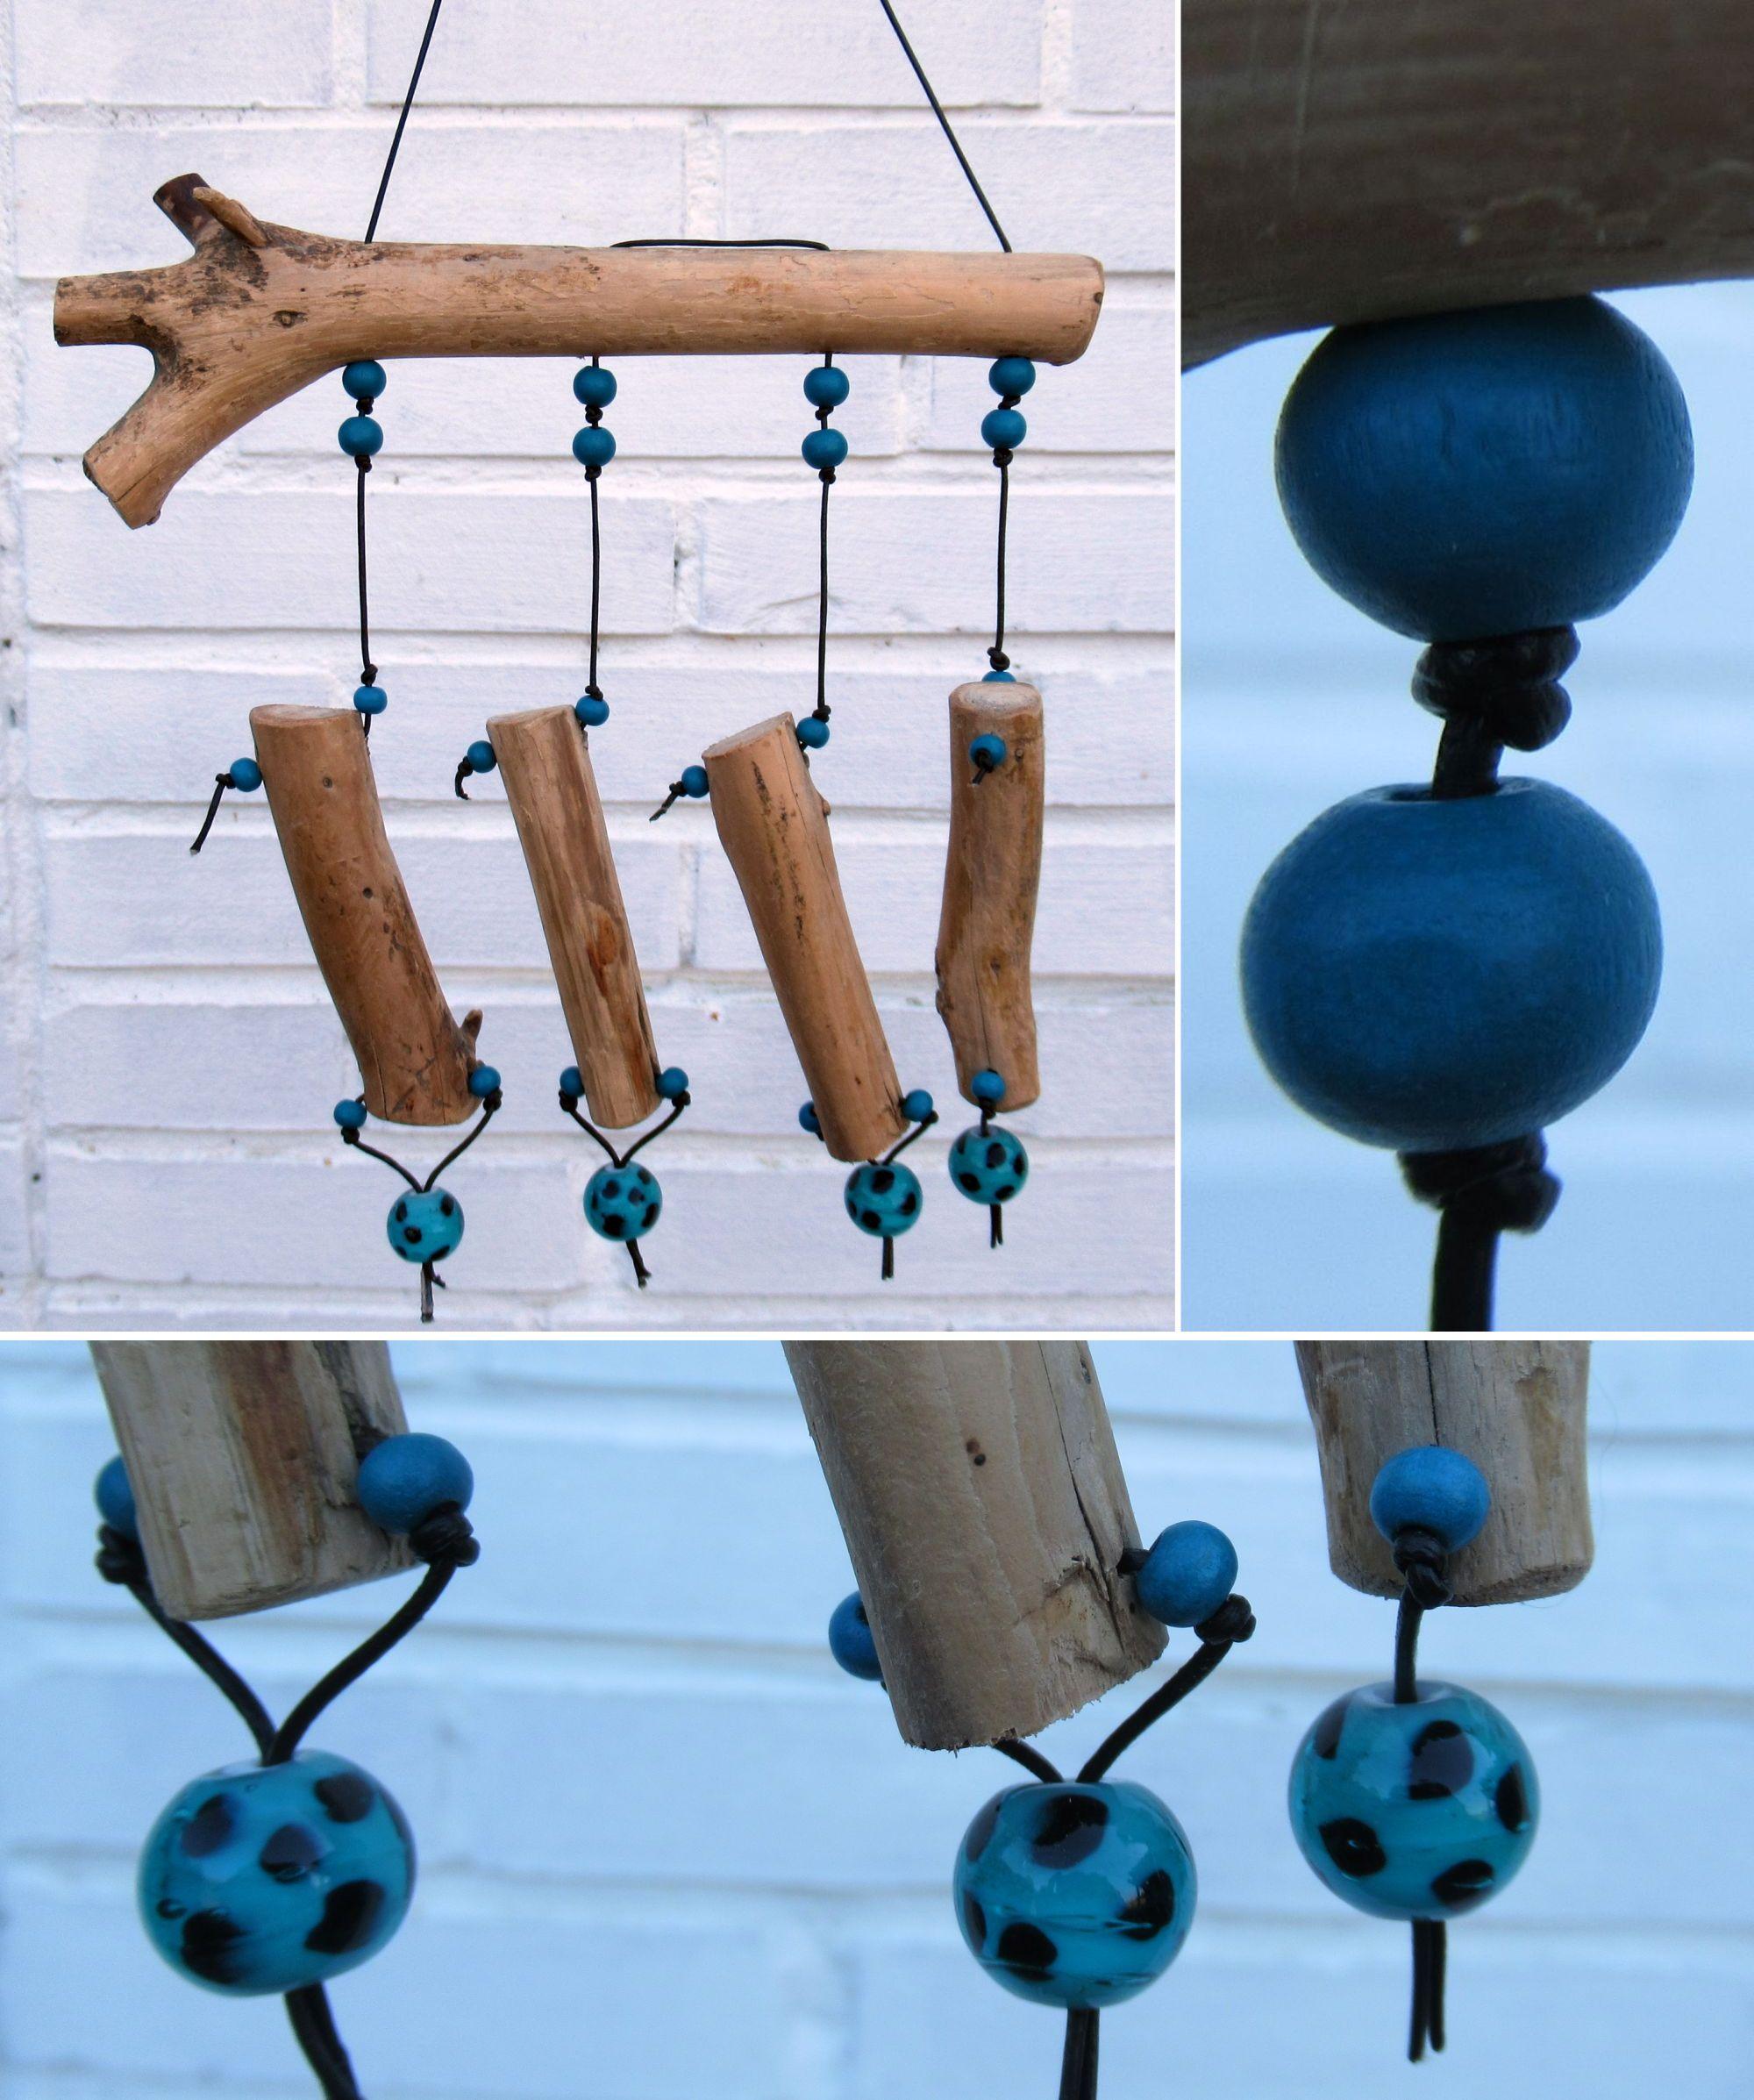 Treibholz und türkisfarbene Perlen als Material zum Bauen dieses Mobiles